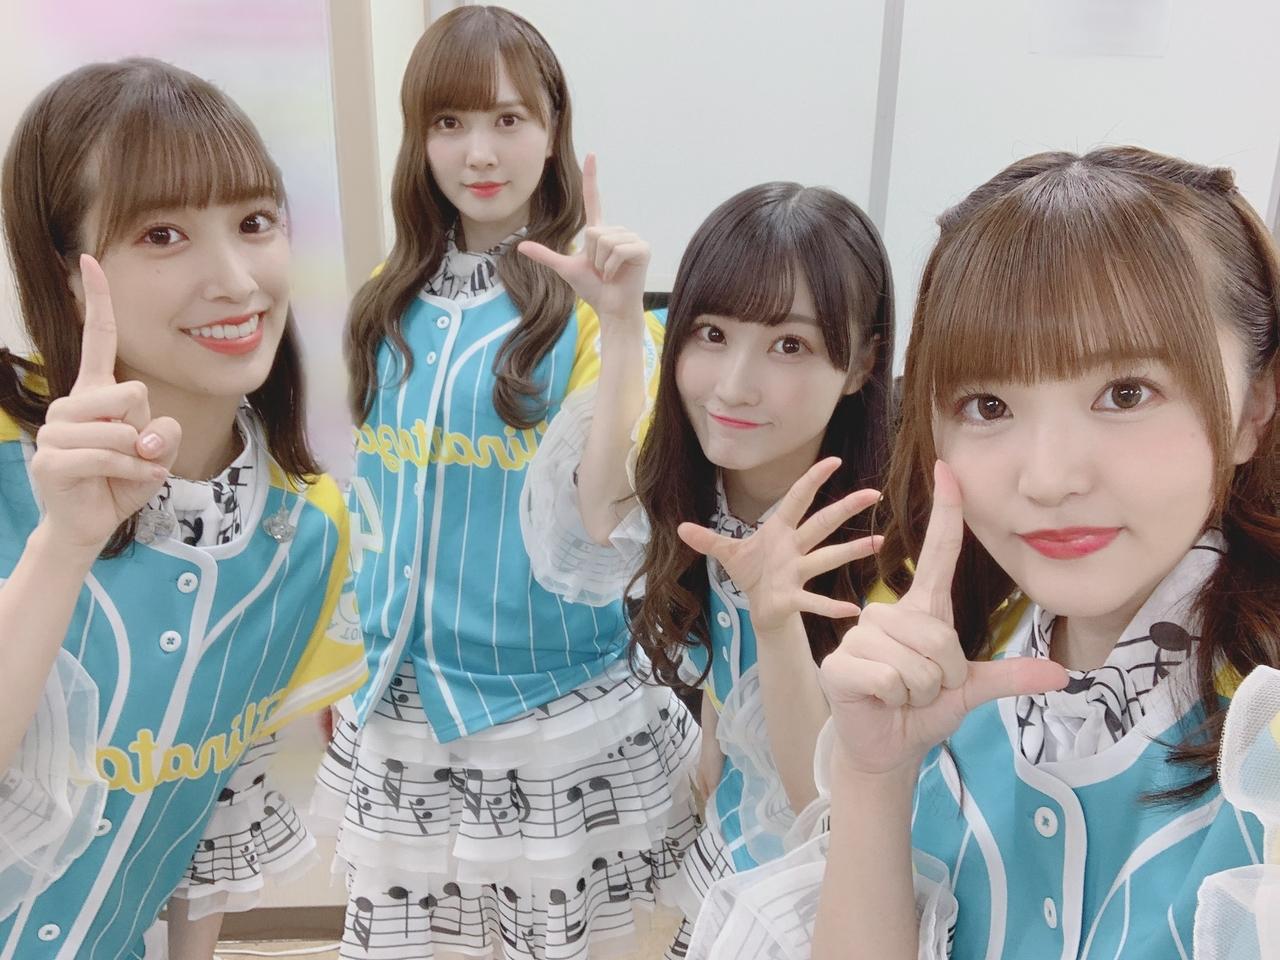 高瀬愛奈さんの「Live_Online!」